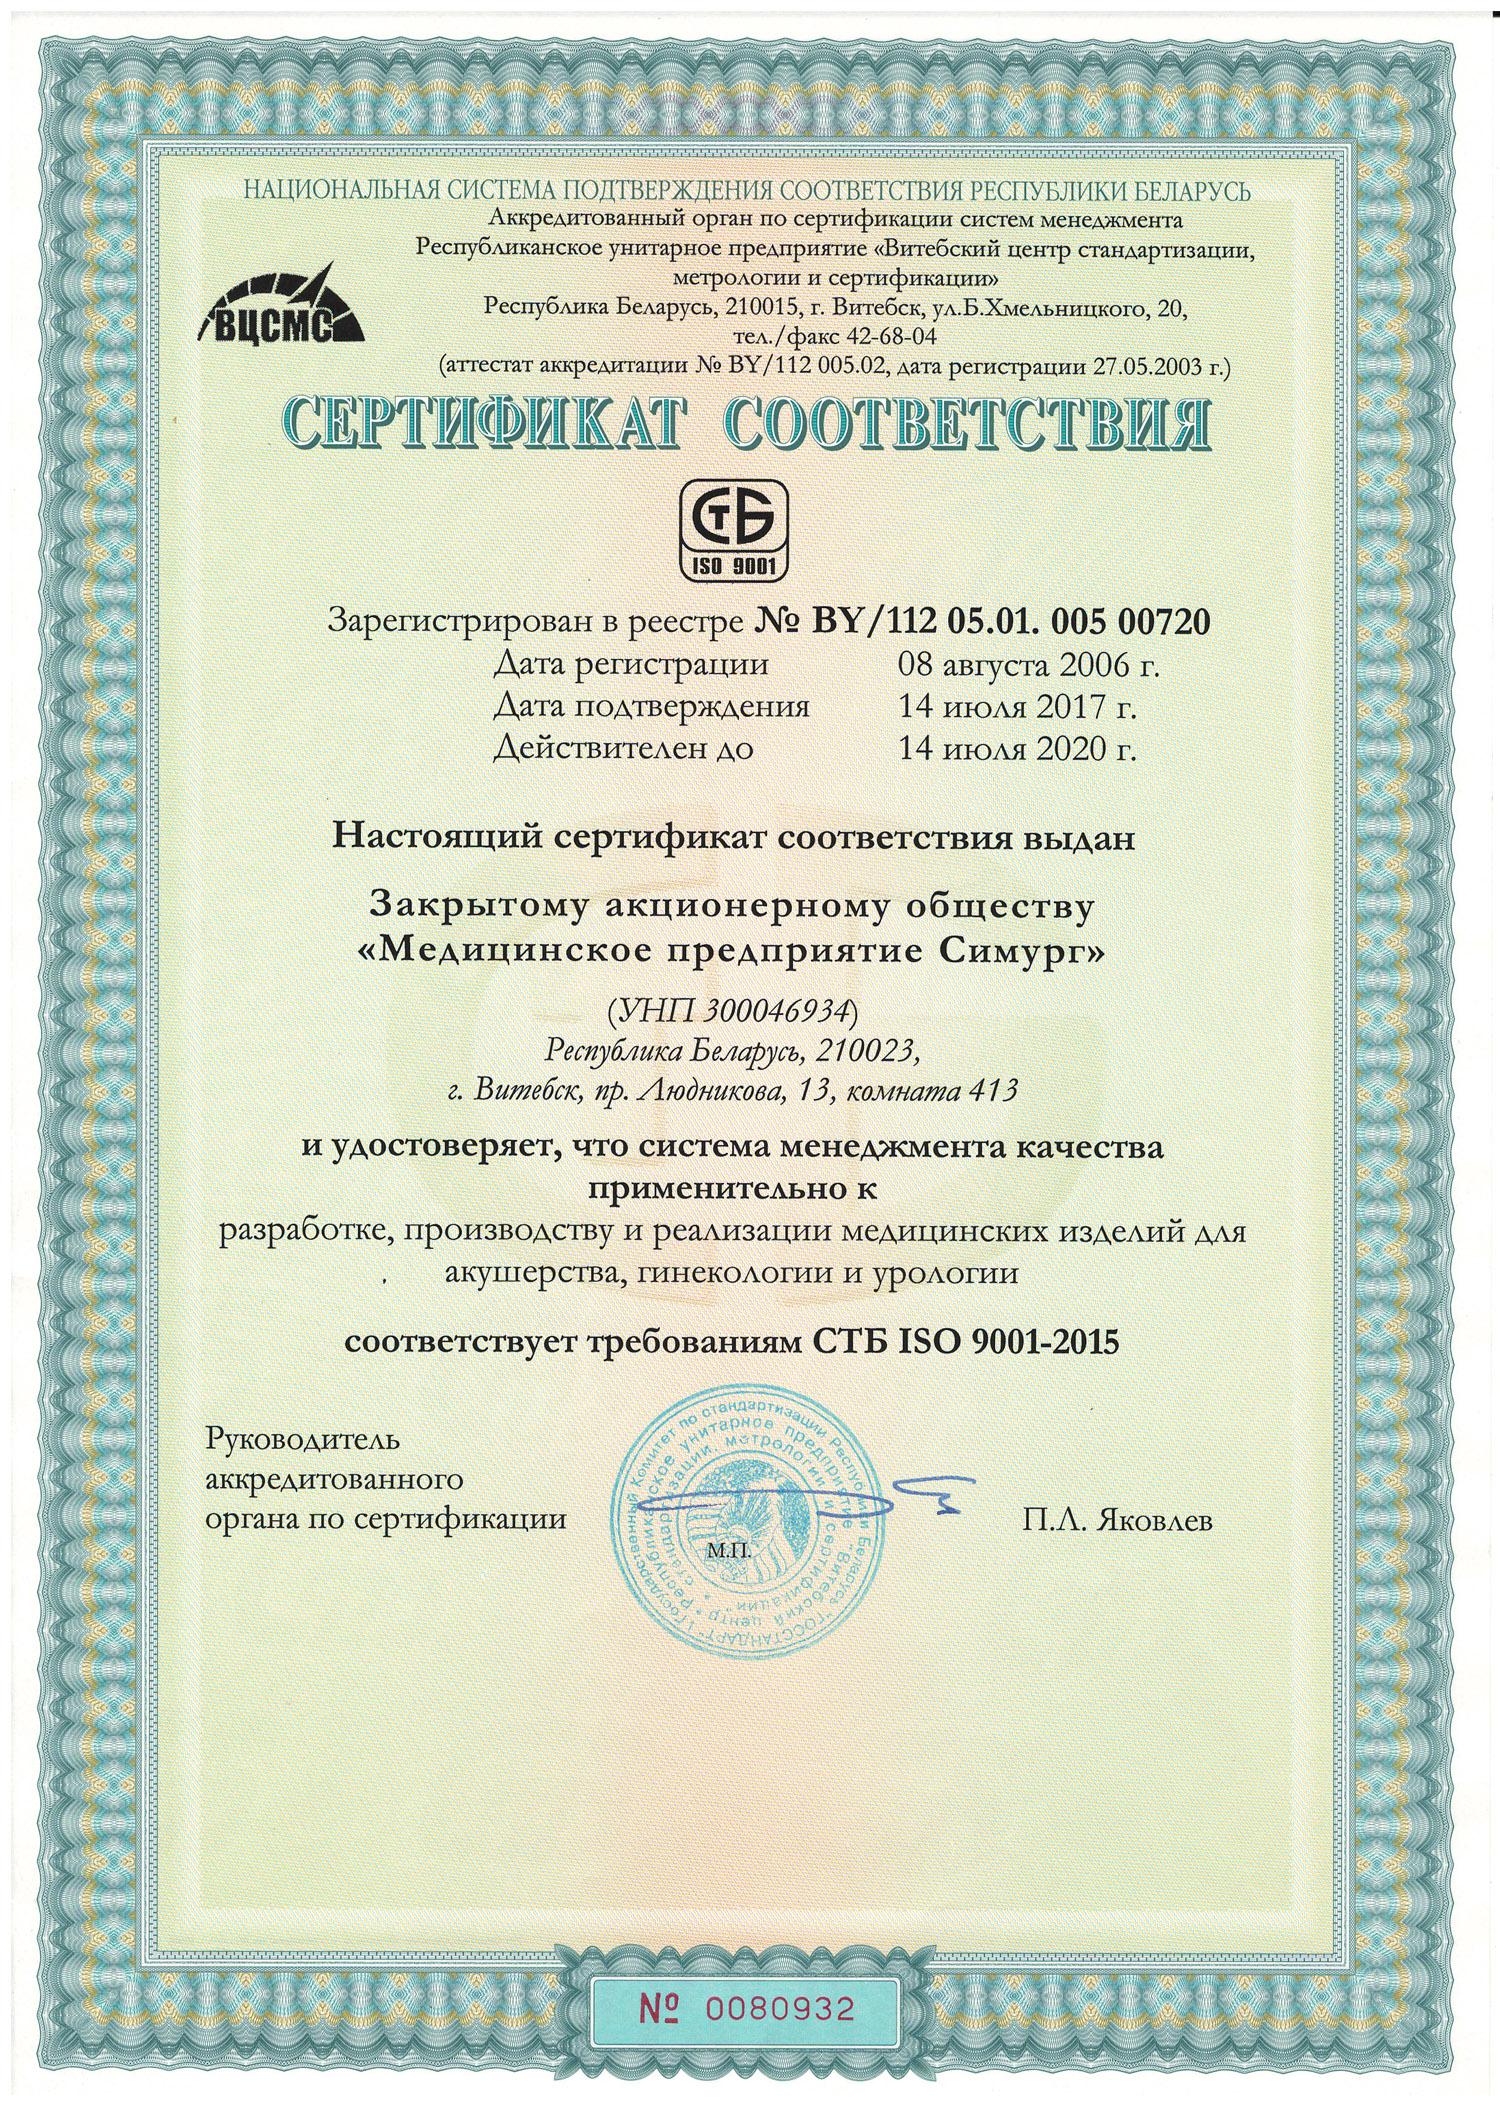 Sertifikat na smk (rus) 2017